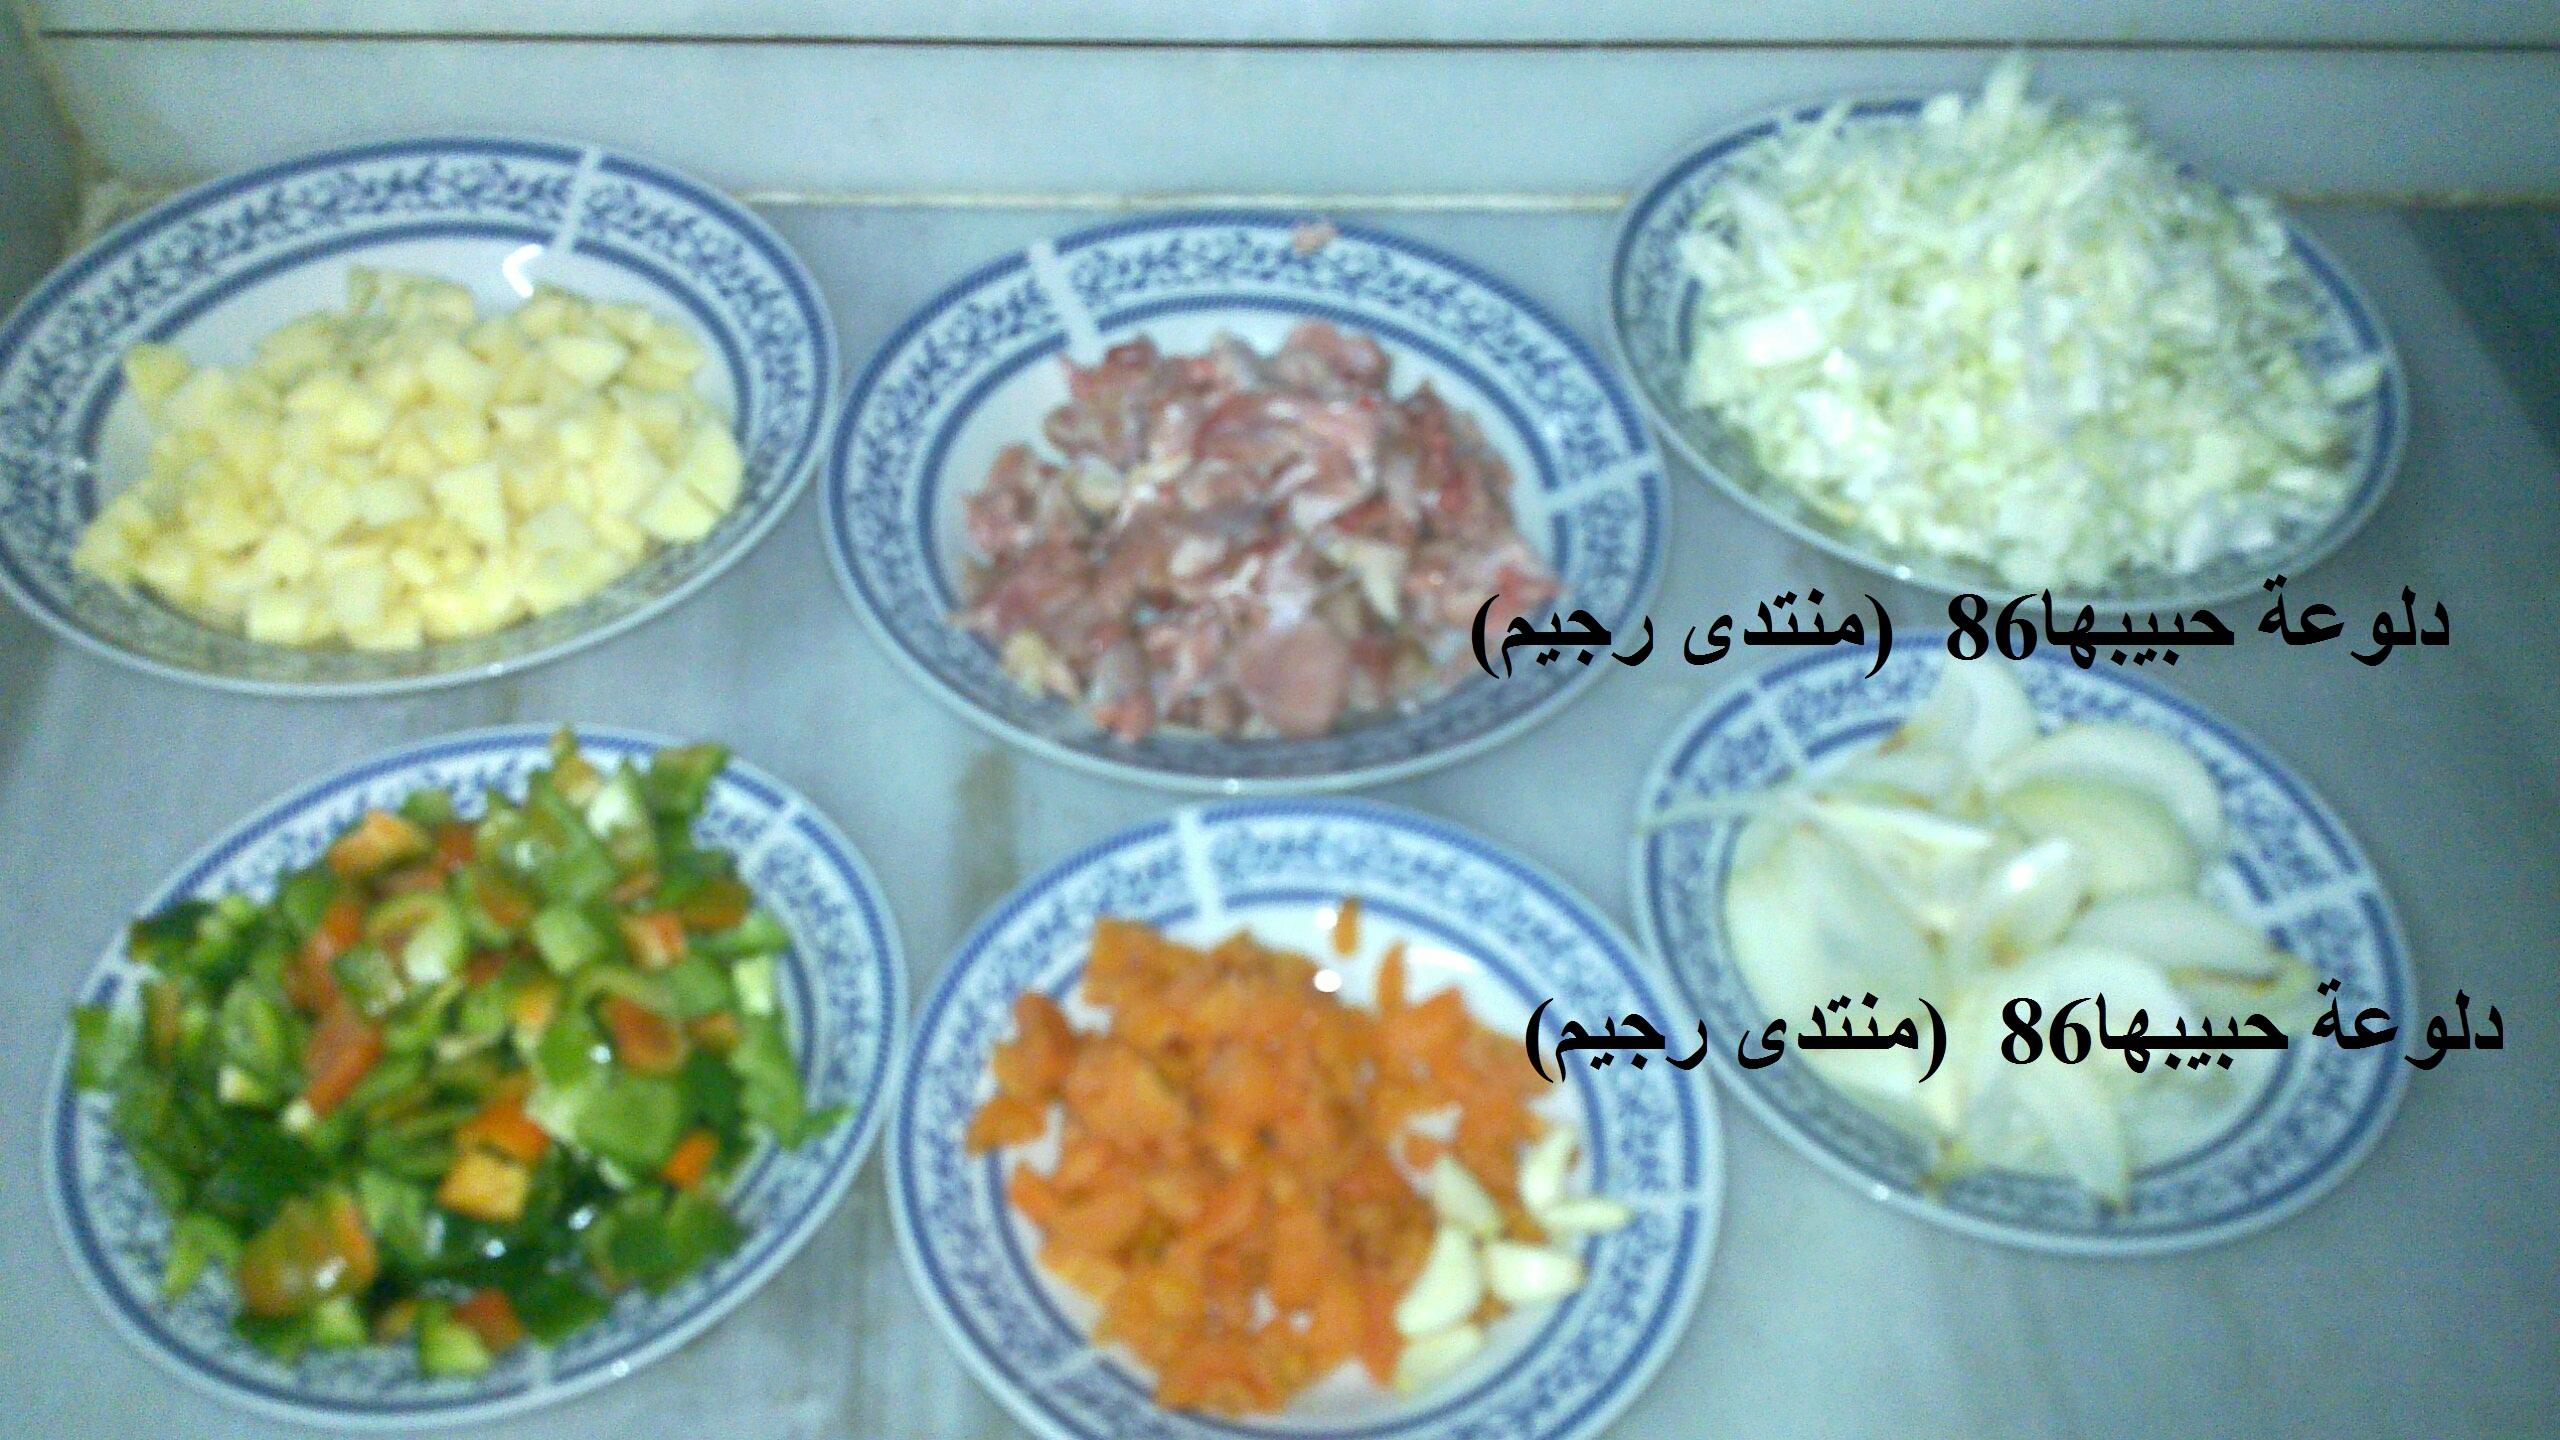 ترياكي الدجاج بالصور من مطبخي روعة 13541442781.jpg